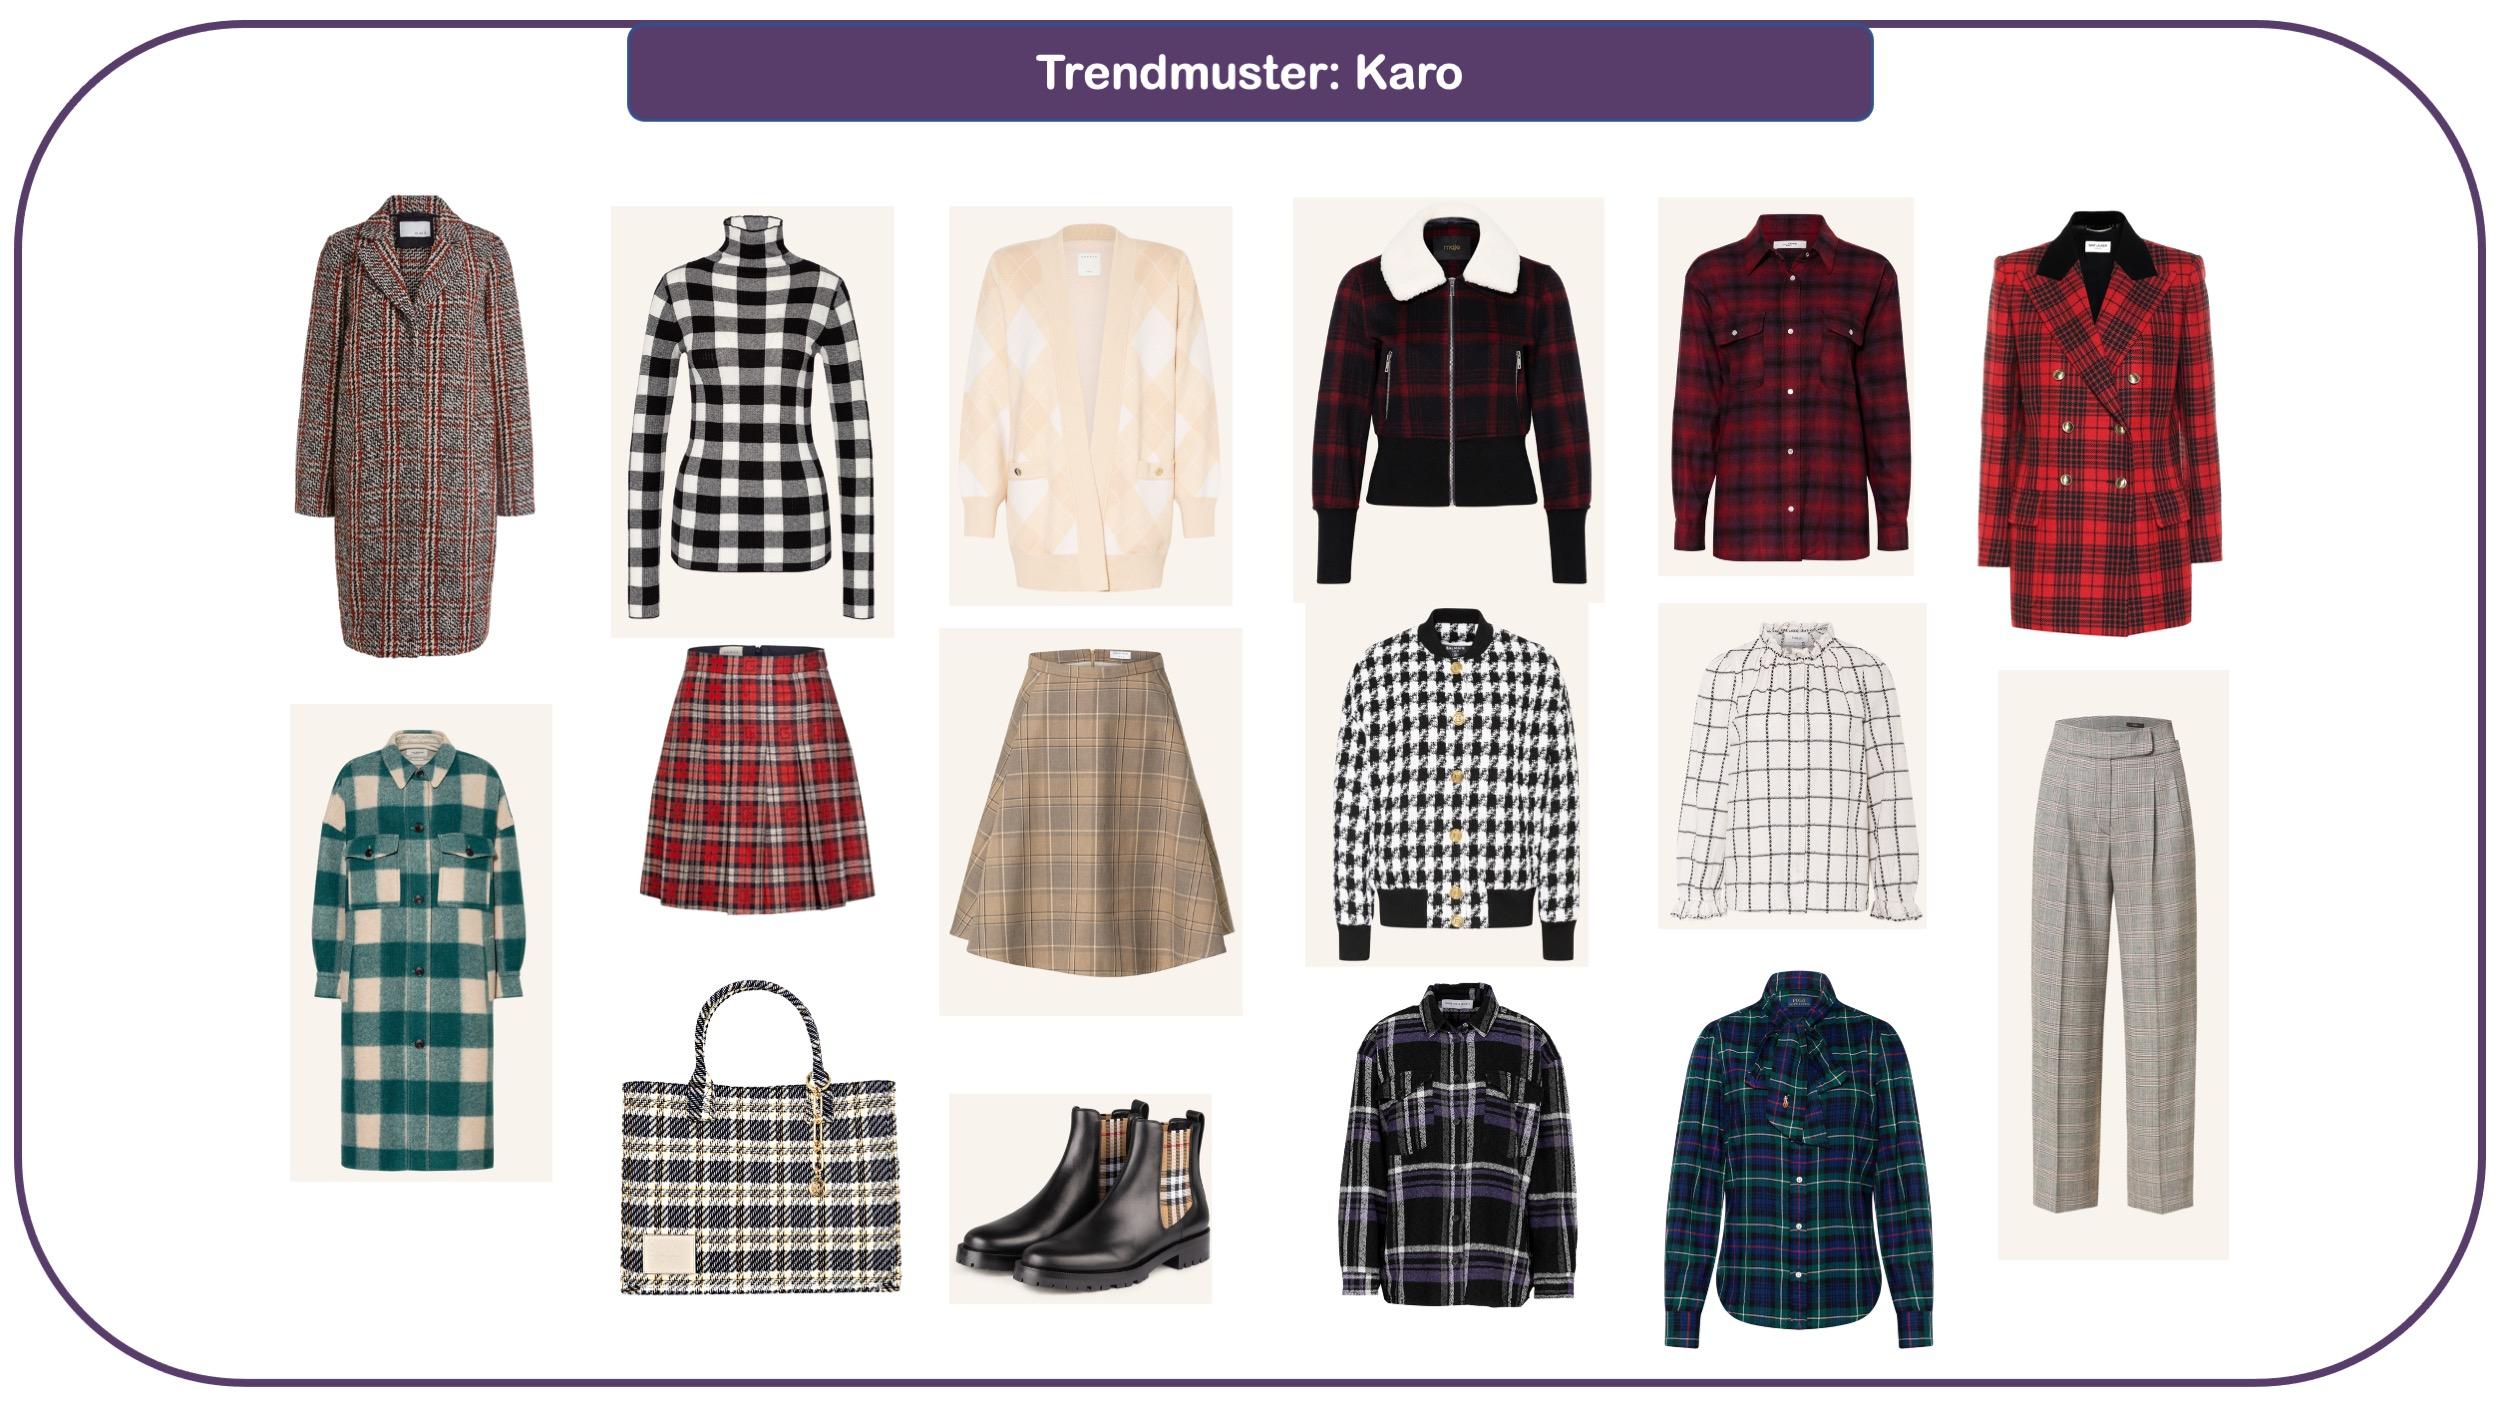 Modetrends für Herbst und Winter 2021/22: Trendmuster Karo